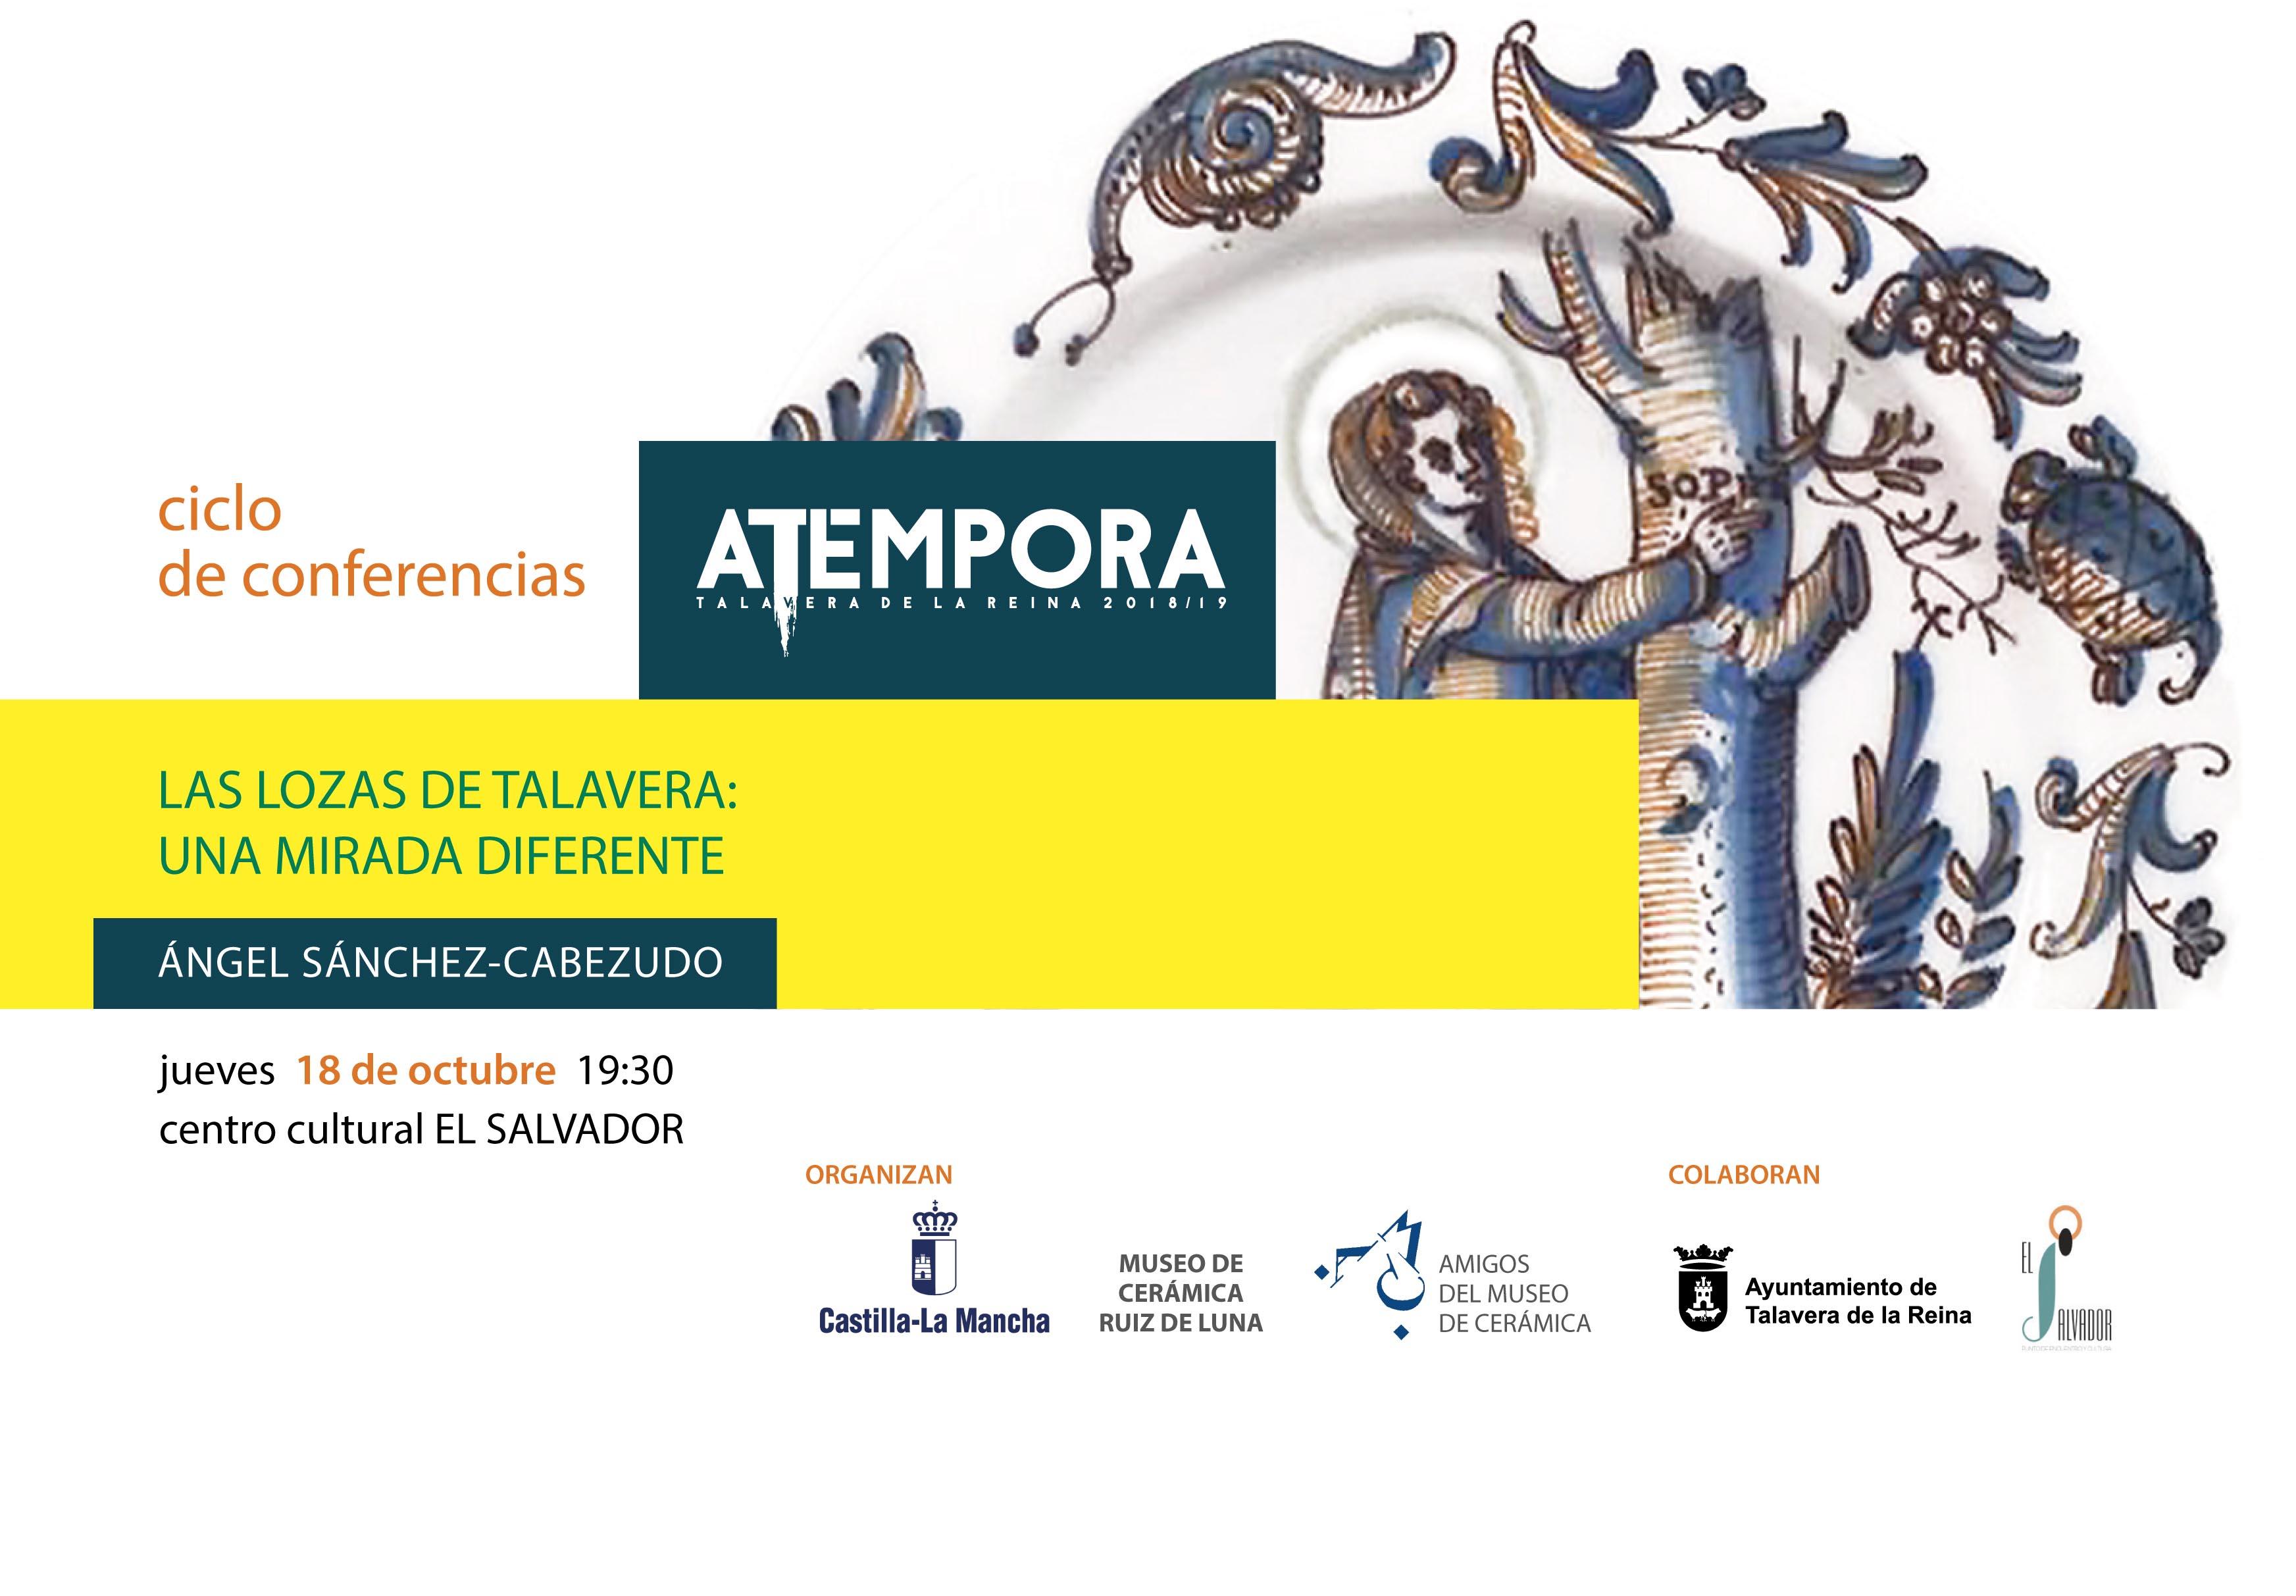 Talavera de la Reina – Del 18/10/2018 al 17/01/2019: Ciclo de conferencias aTEMPORA